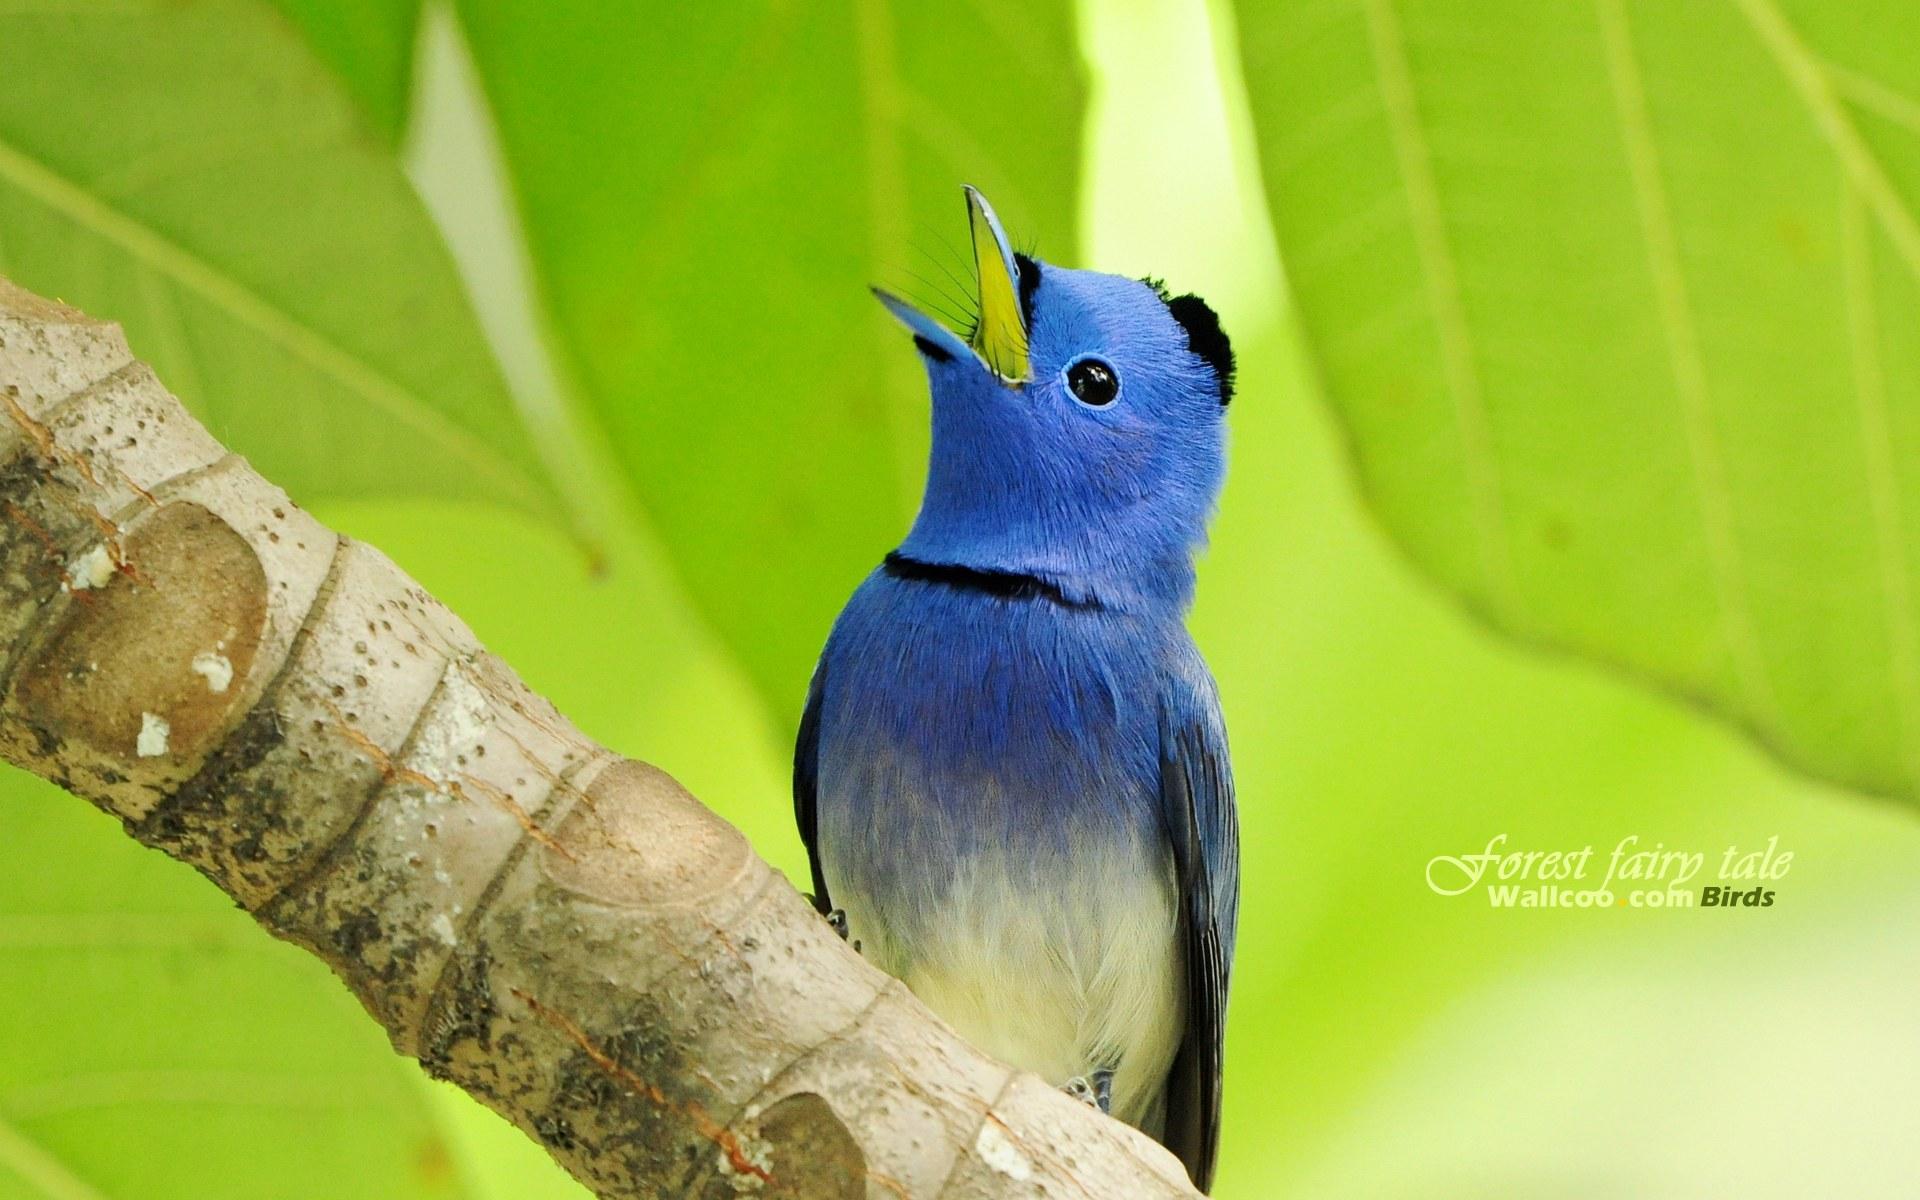 壁纸 小鸟/树林里的小精灵 春天可爱小鸟壁纸 蓝色精灵小鸟黑枕蓝鹟小鸟...